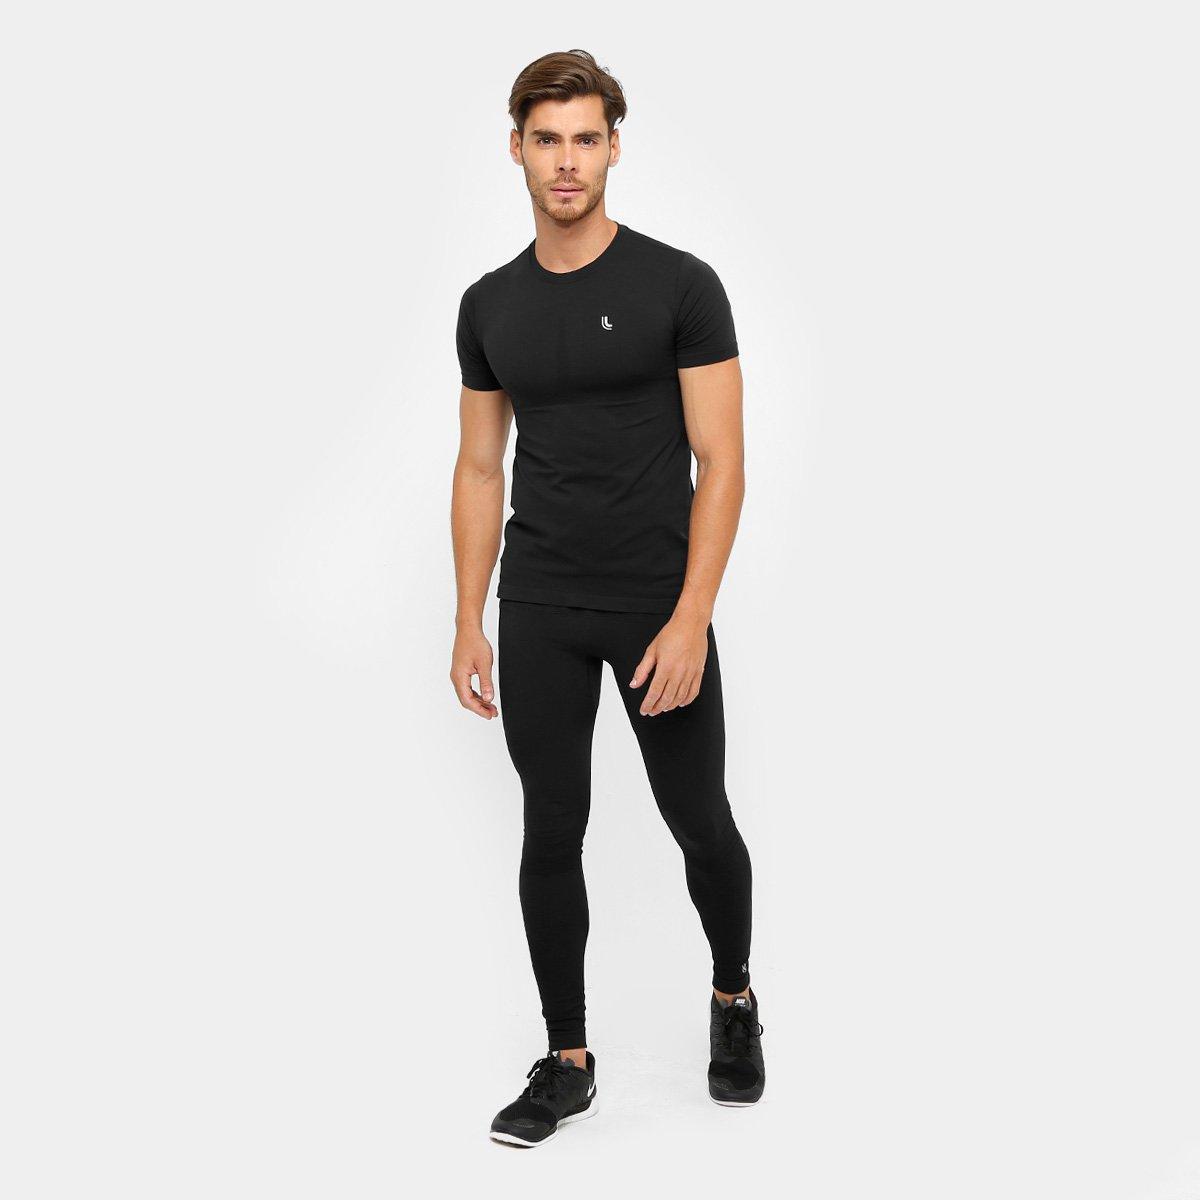 Camiseta de Compressão Lupo Sport I-Power - Preto - Compre Agora ... a4b3dfe9b31c6